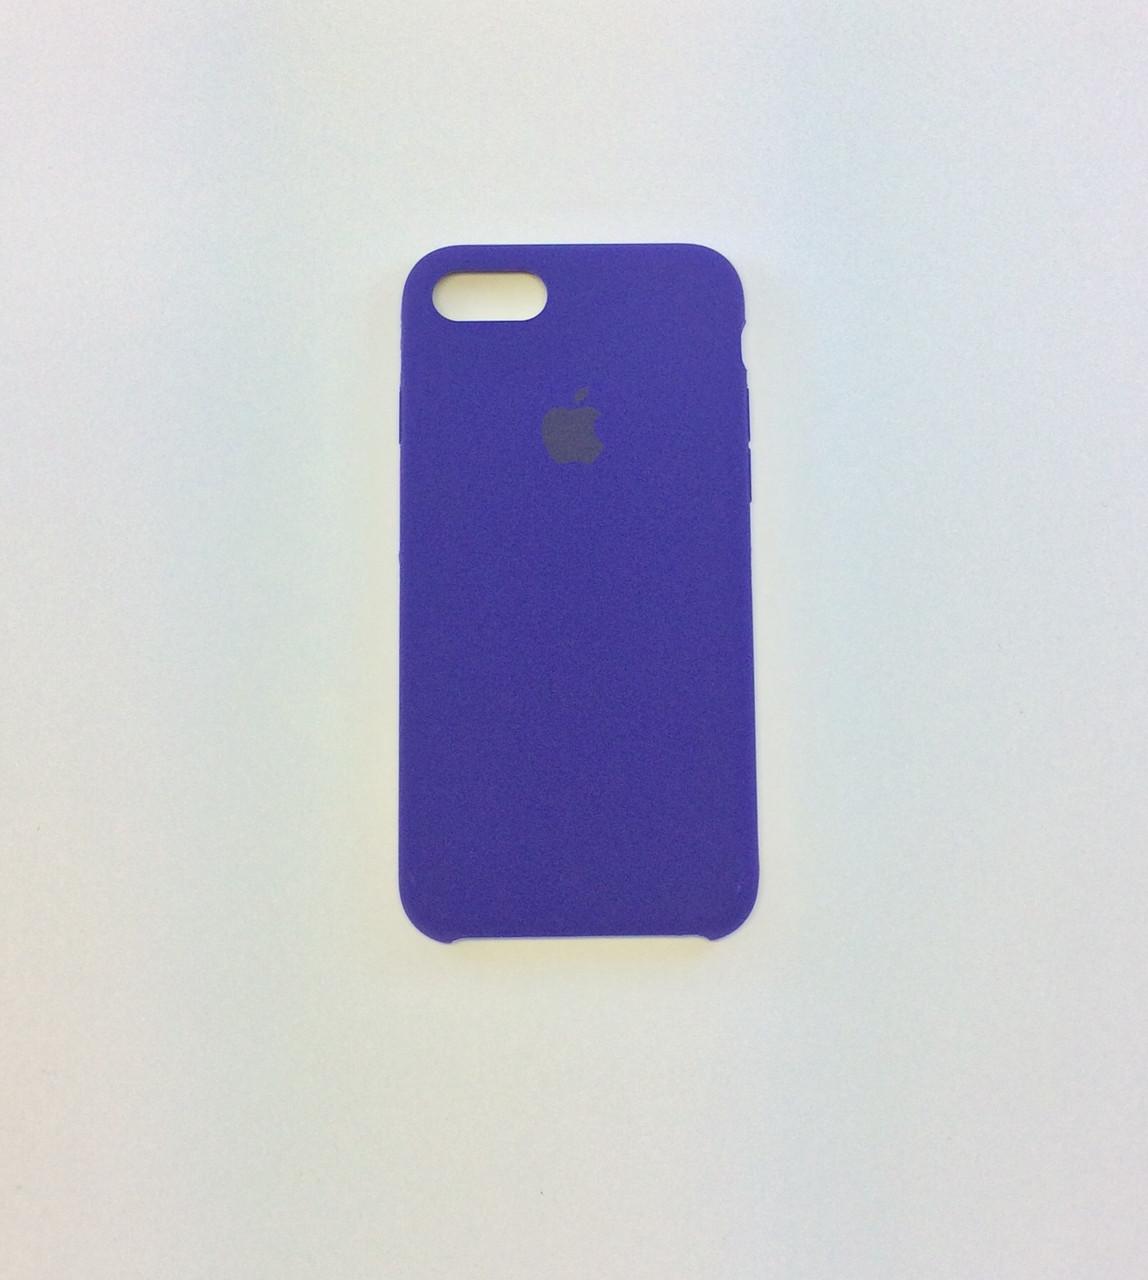 Силиконовый чехол для iPhone 7, - «ультрафиолет» - copy original